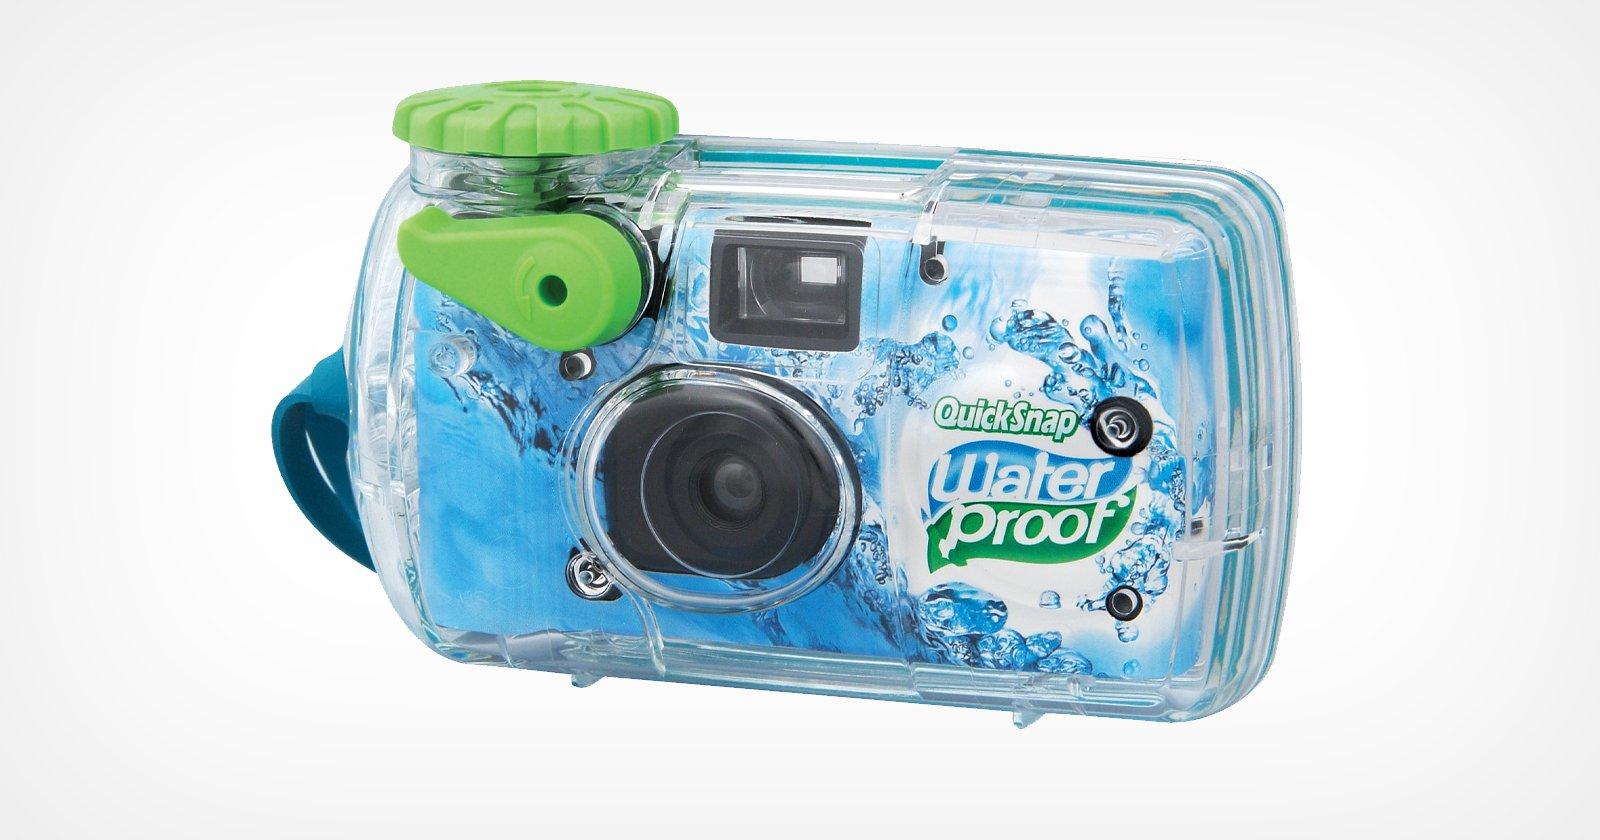 Fujifilm ripropone la fotocamera usa e getta QuickSnap Waterproof 800